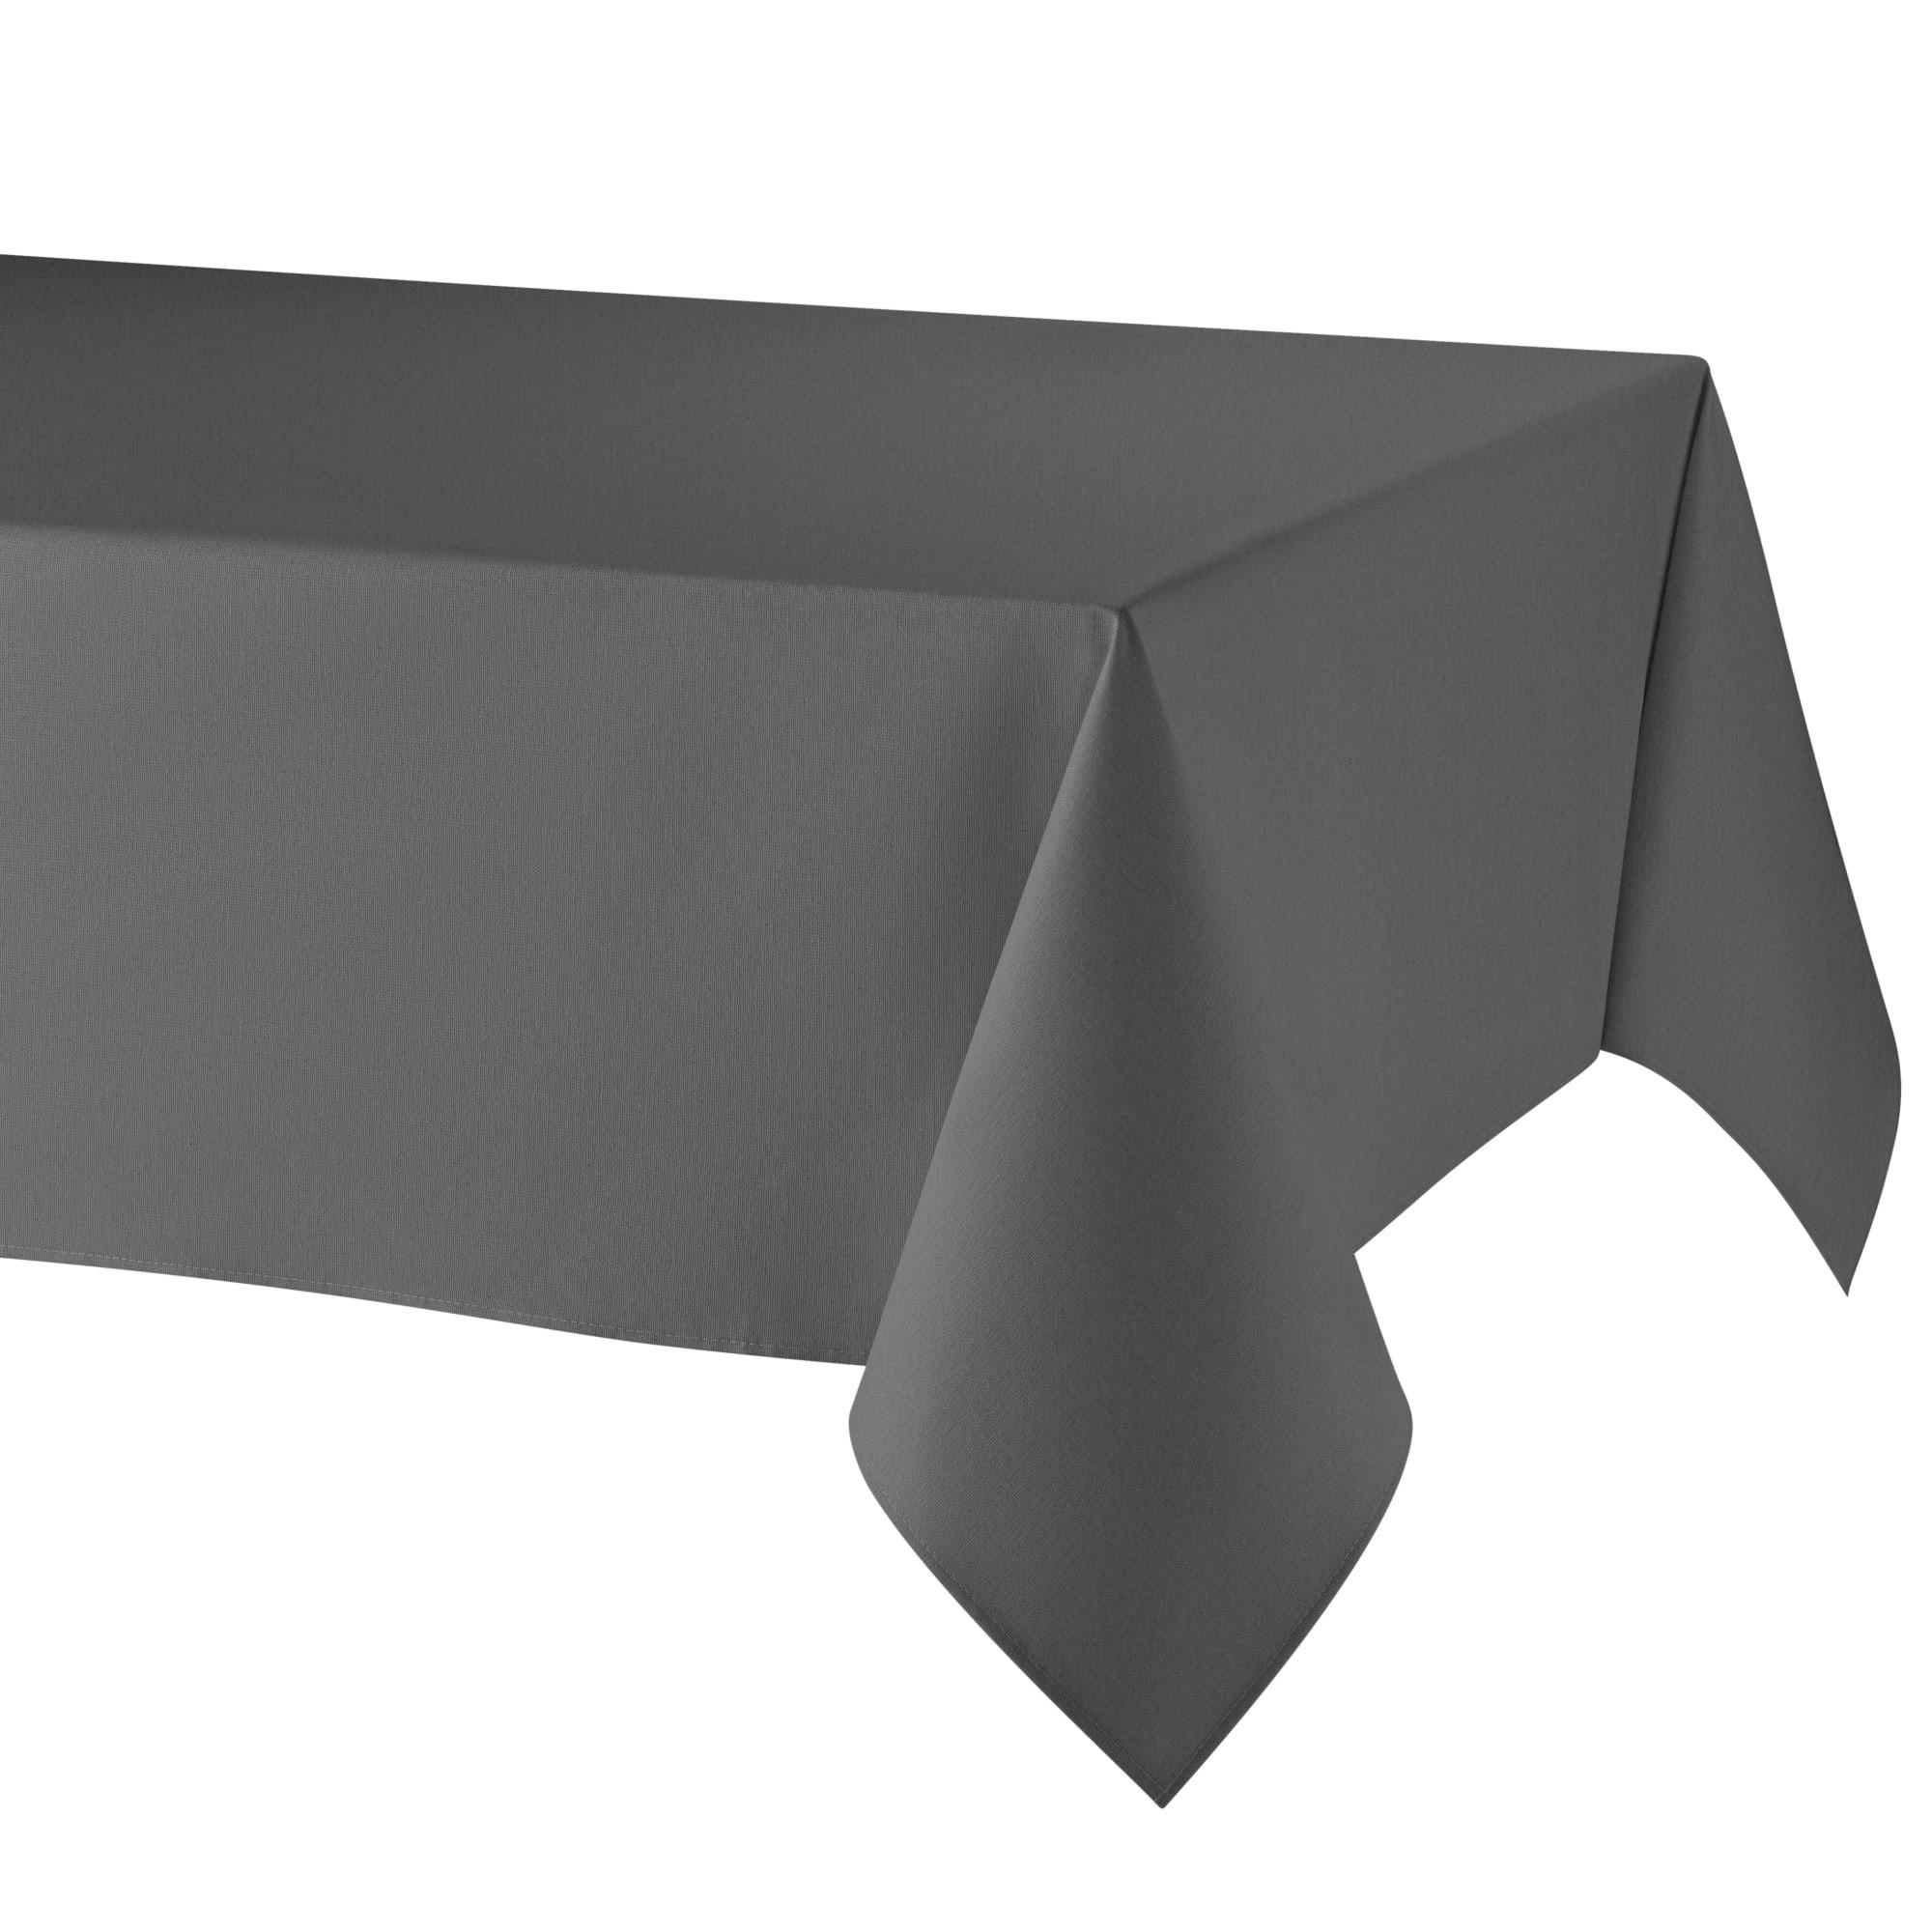 150 x 300 cm - Bomuld og polyester med EcoElite teflonbehandling